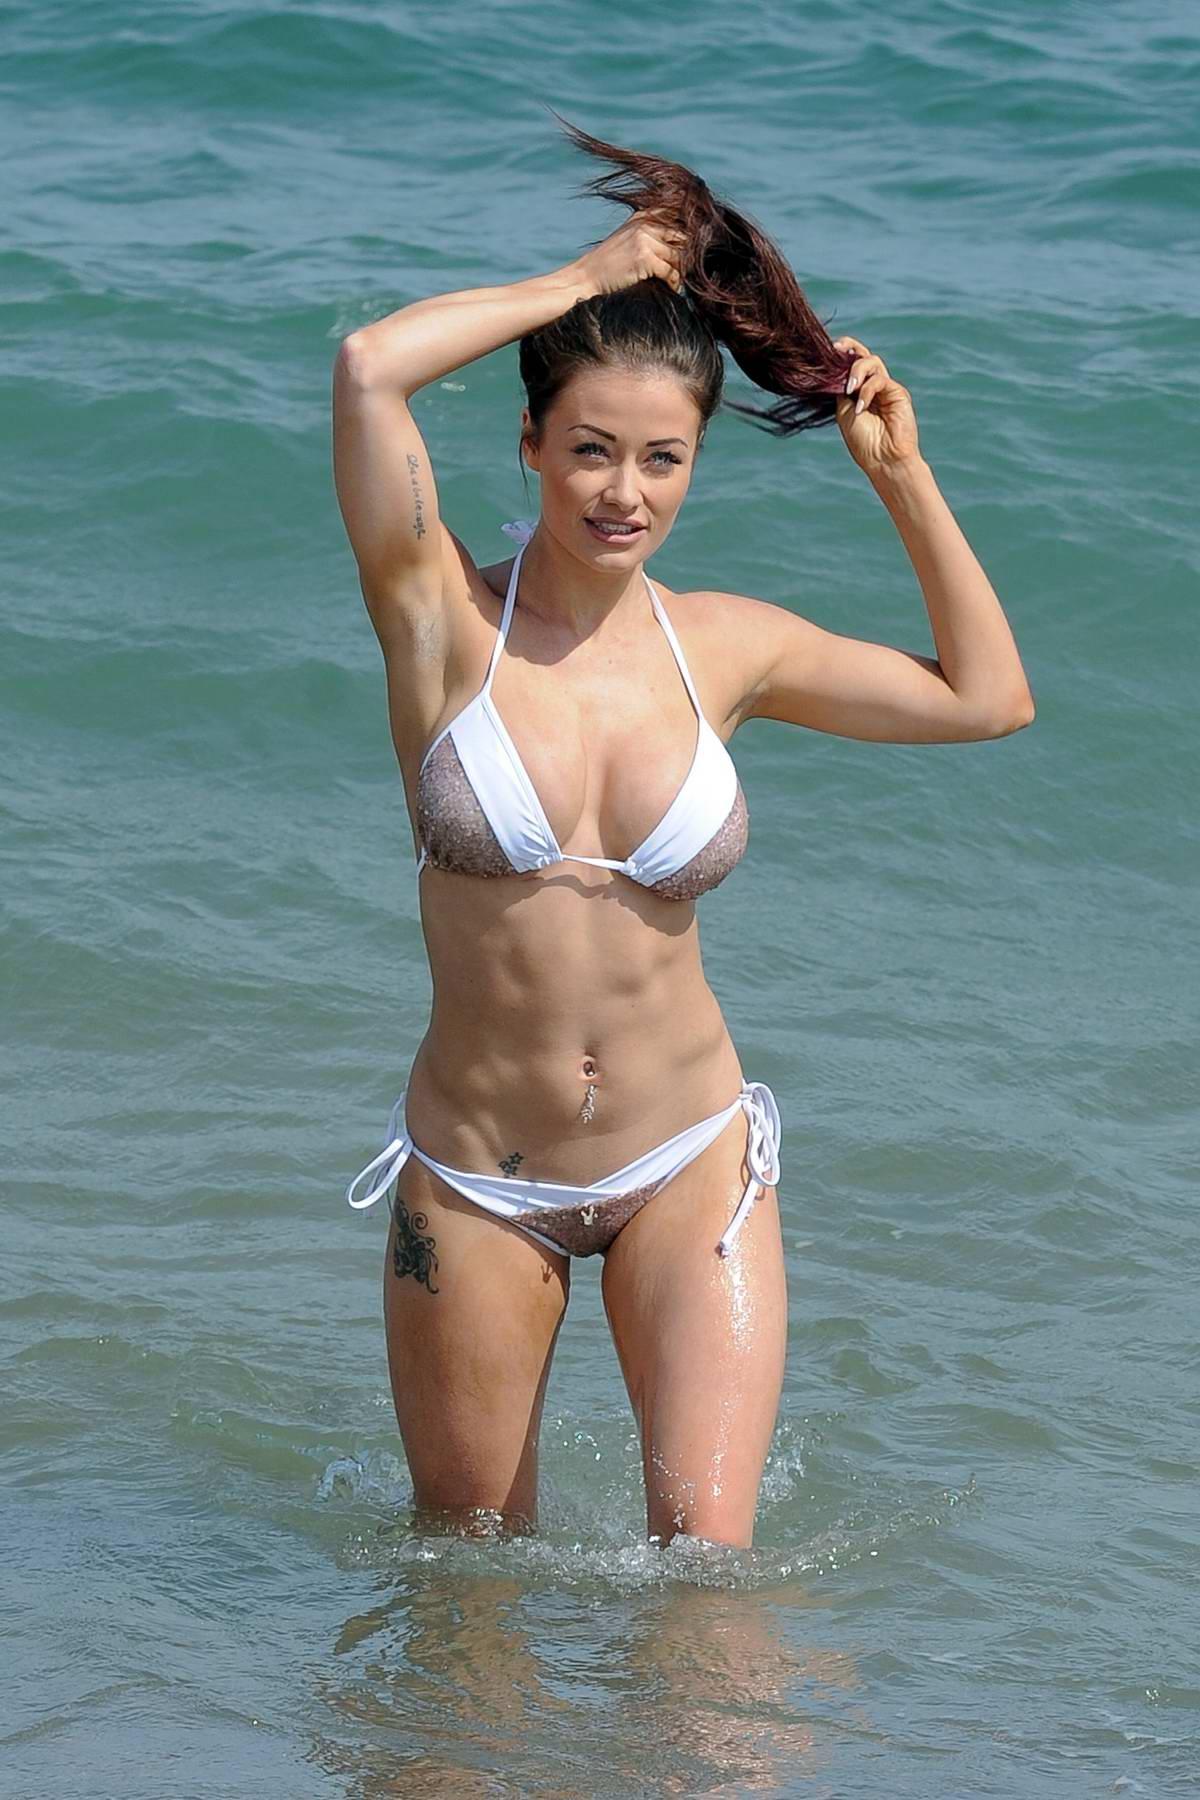 Jess Impiazzi Bikini Nude Photos 95